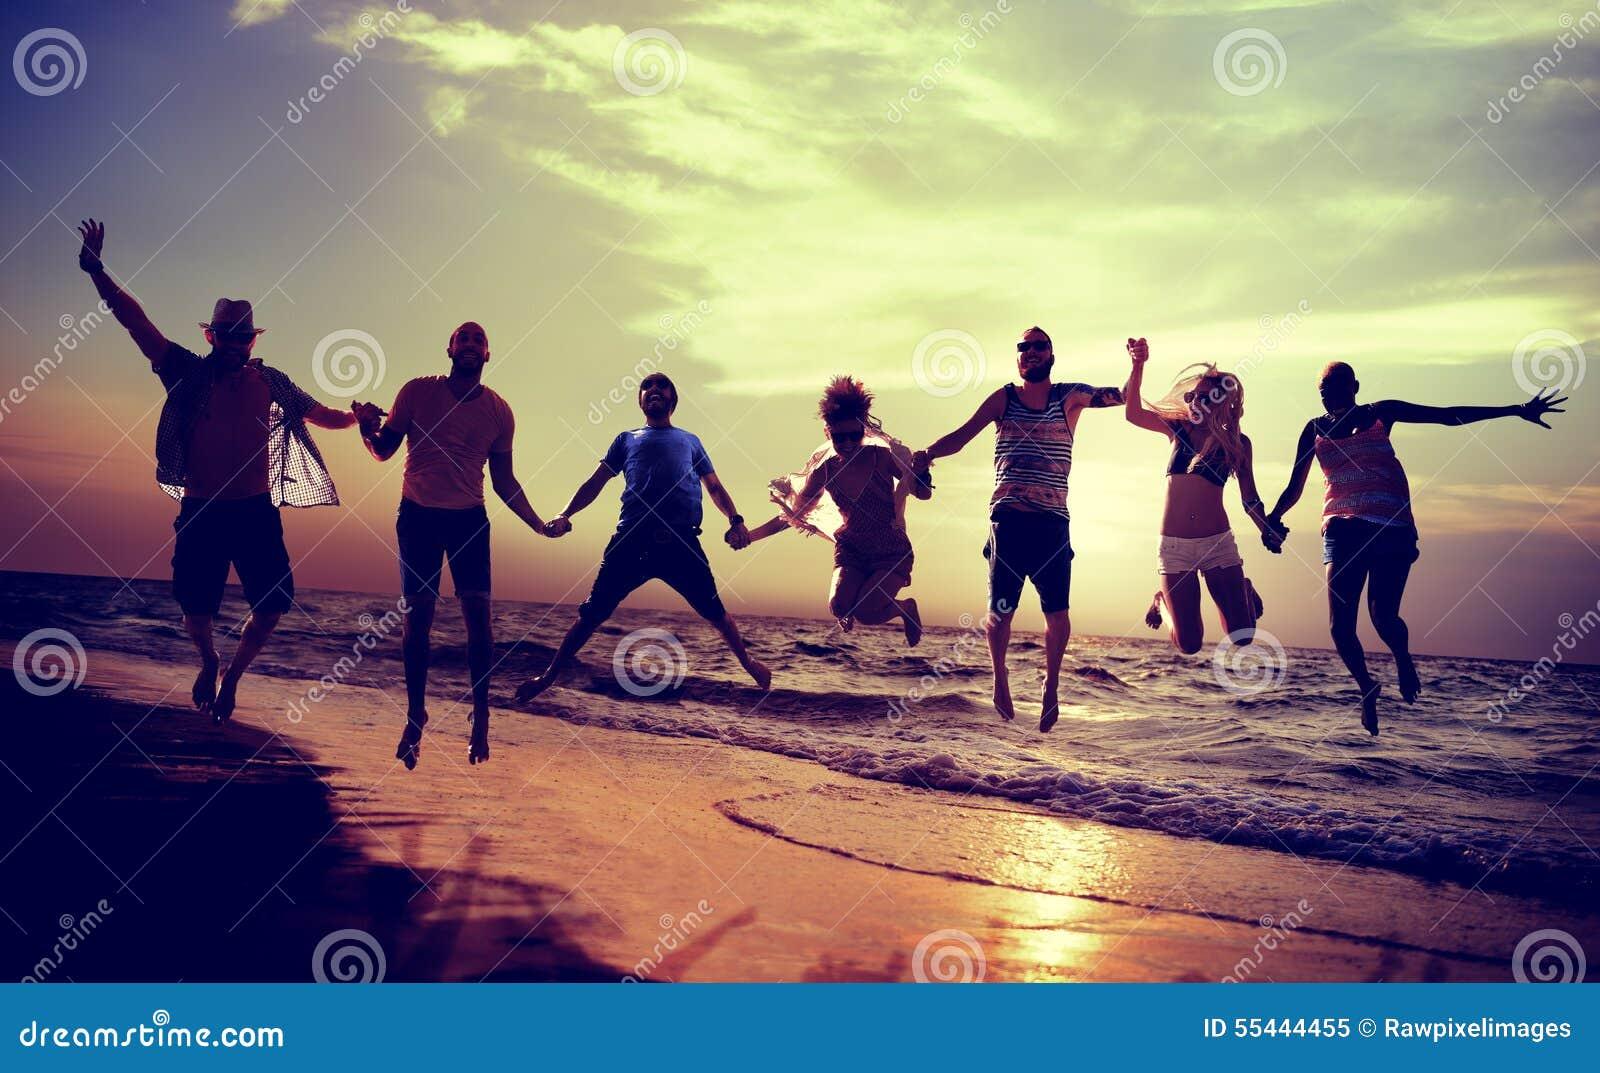 Разнообразная концепция броска в прыжке потехи друзей лета пляжа